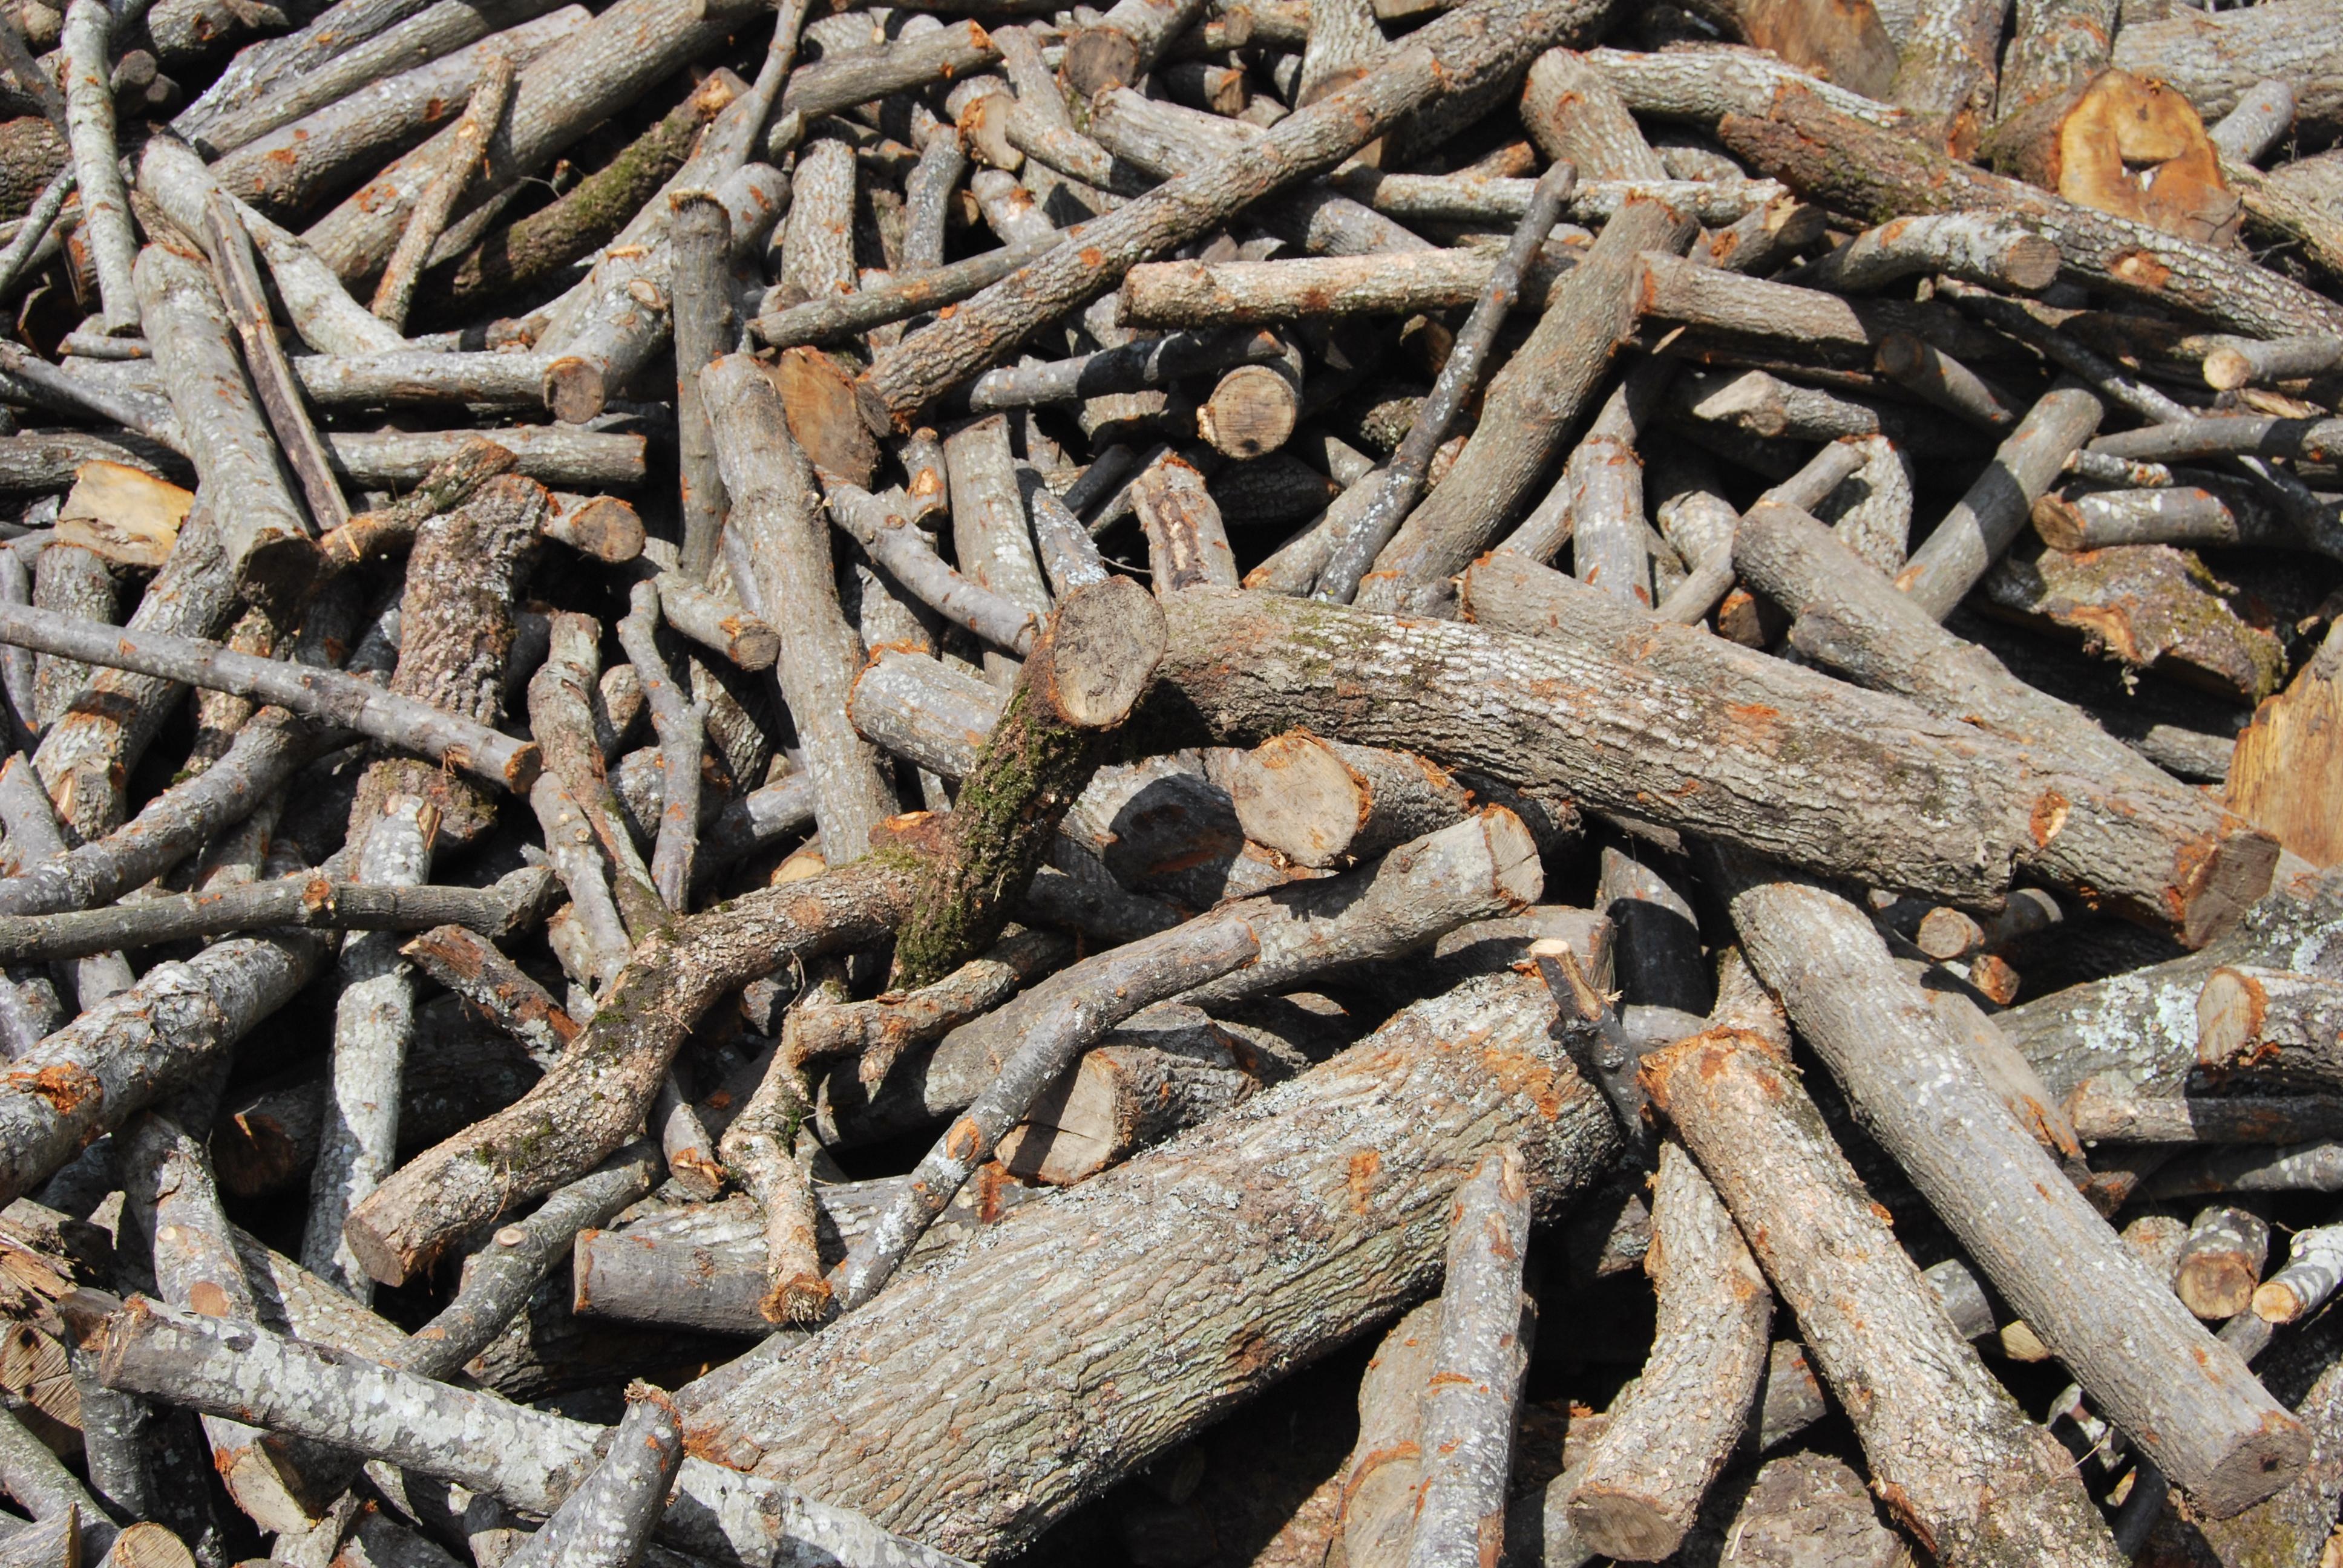 legna da ardere legno energia ceduo camino fuoco